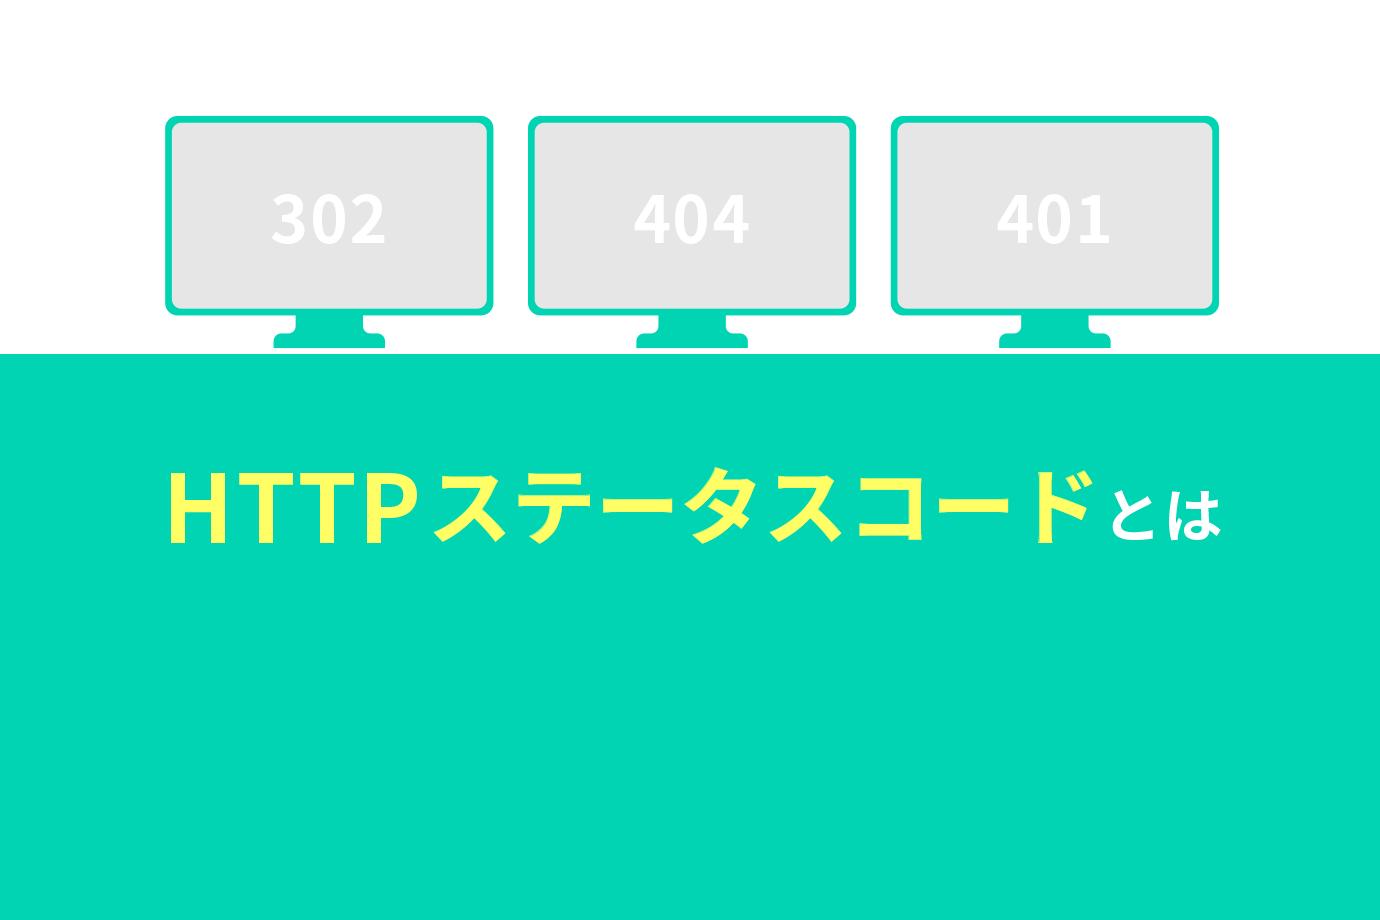 HTTPステータスコードとは